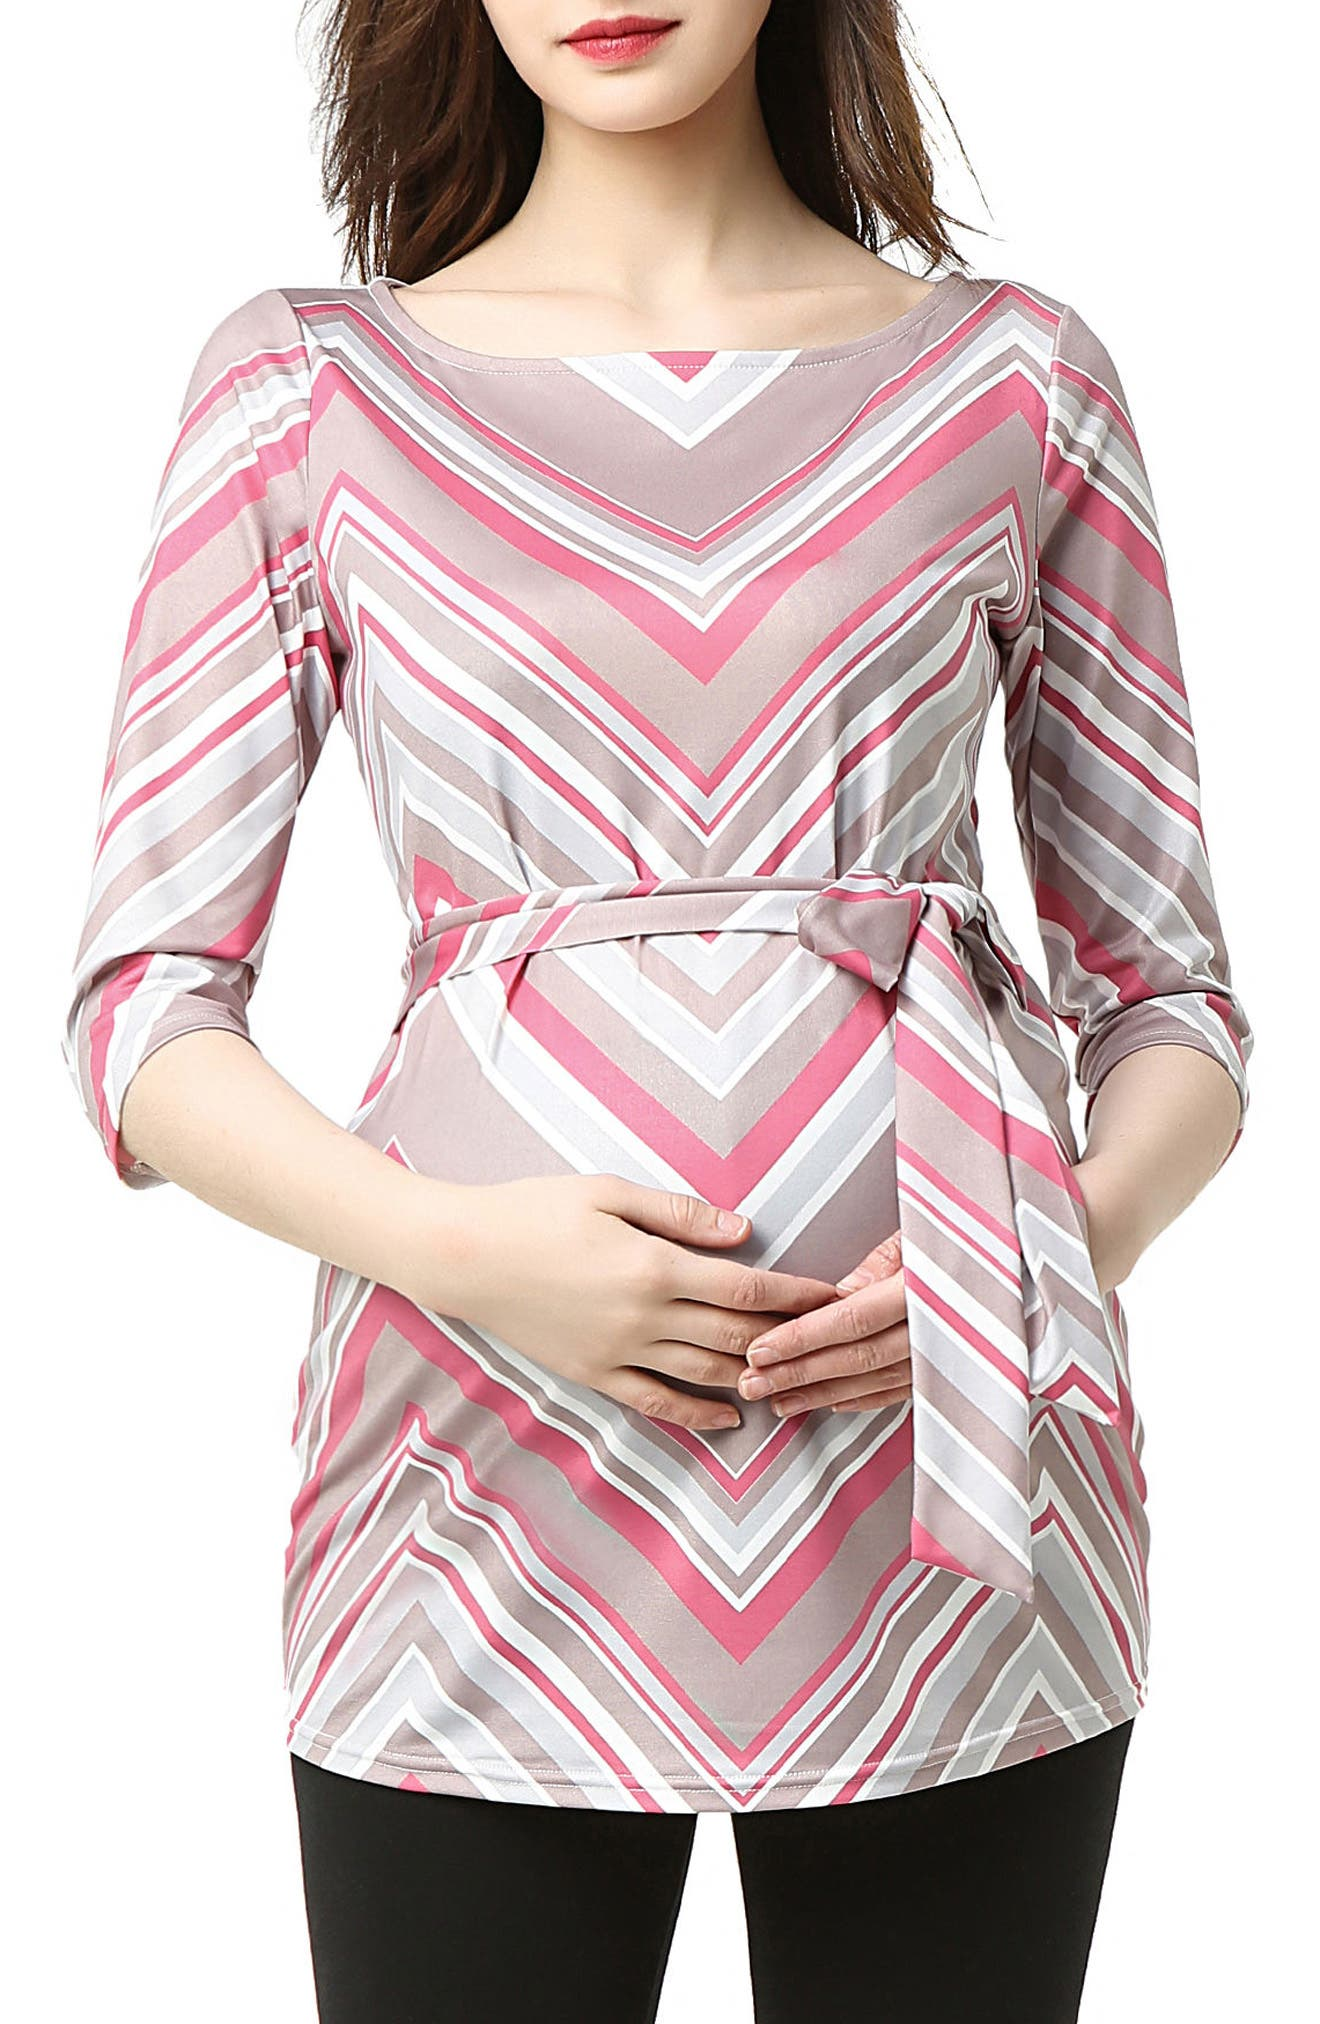 Delia Chevron Maternity Top,                         Main,                         color, MULTICOLORED STRIPE